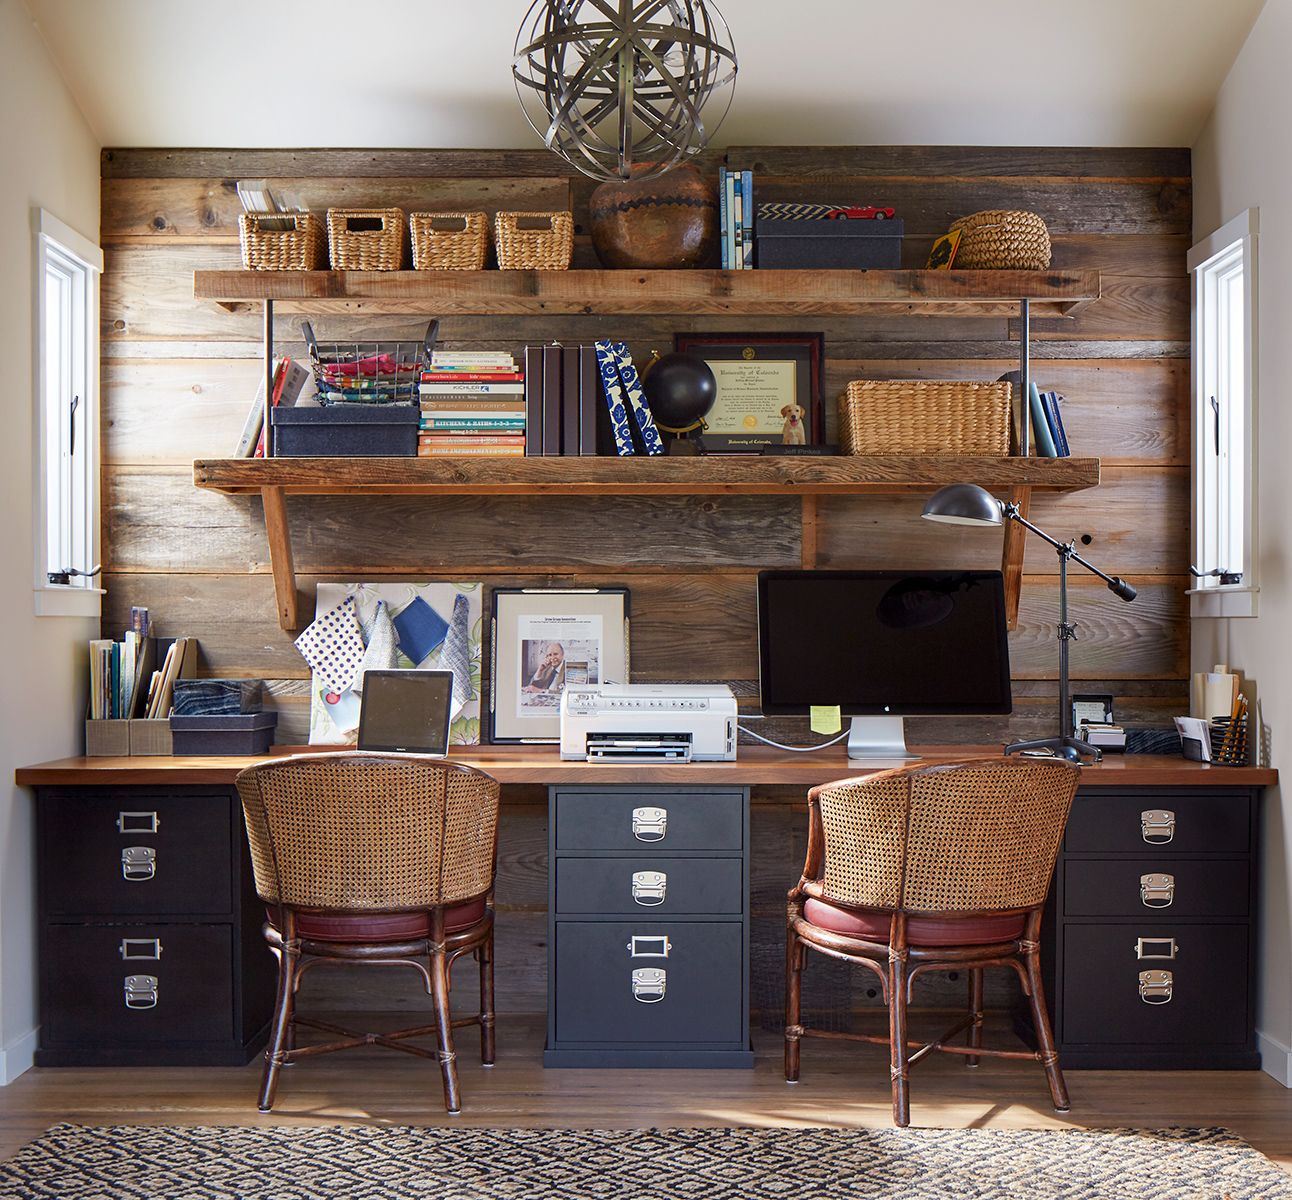 100 Charming Farmhouse Office Decor Ideas For Your Home 100 Charming Farmhouse Decor Ideas For Your Home Office Check Out This Style Home Office Decor With A Farmhouse Office